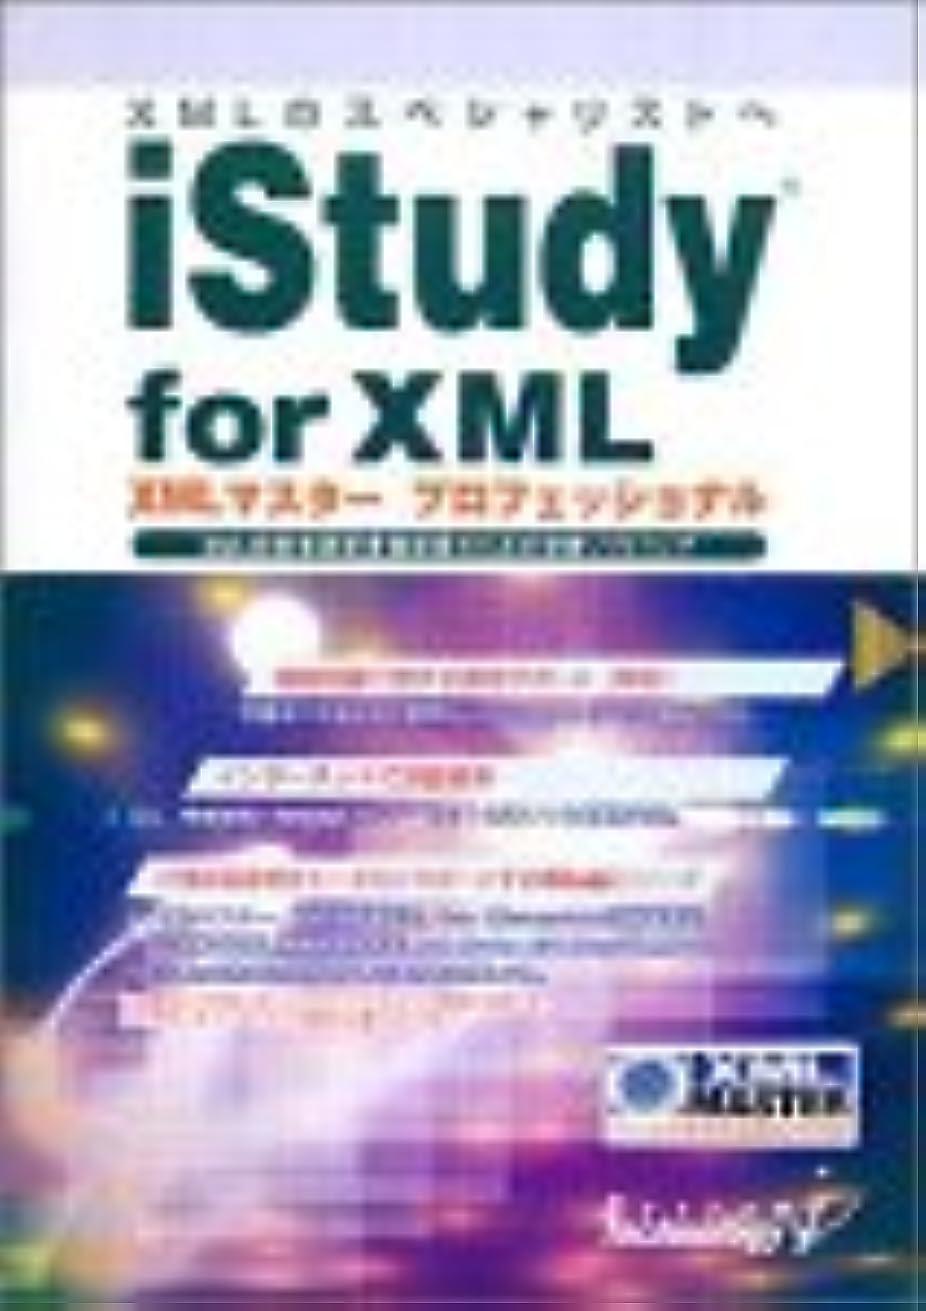 鷲塗抹バタフライiStudy for XML XMLマスター プロフェッショナル